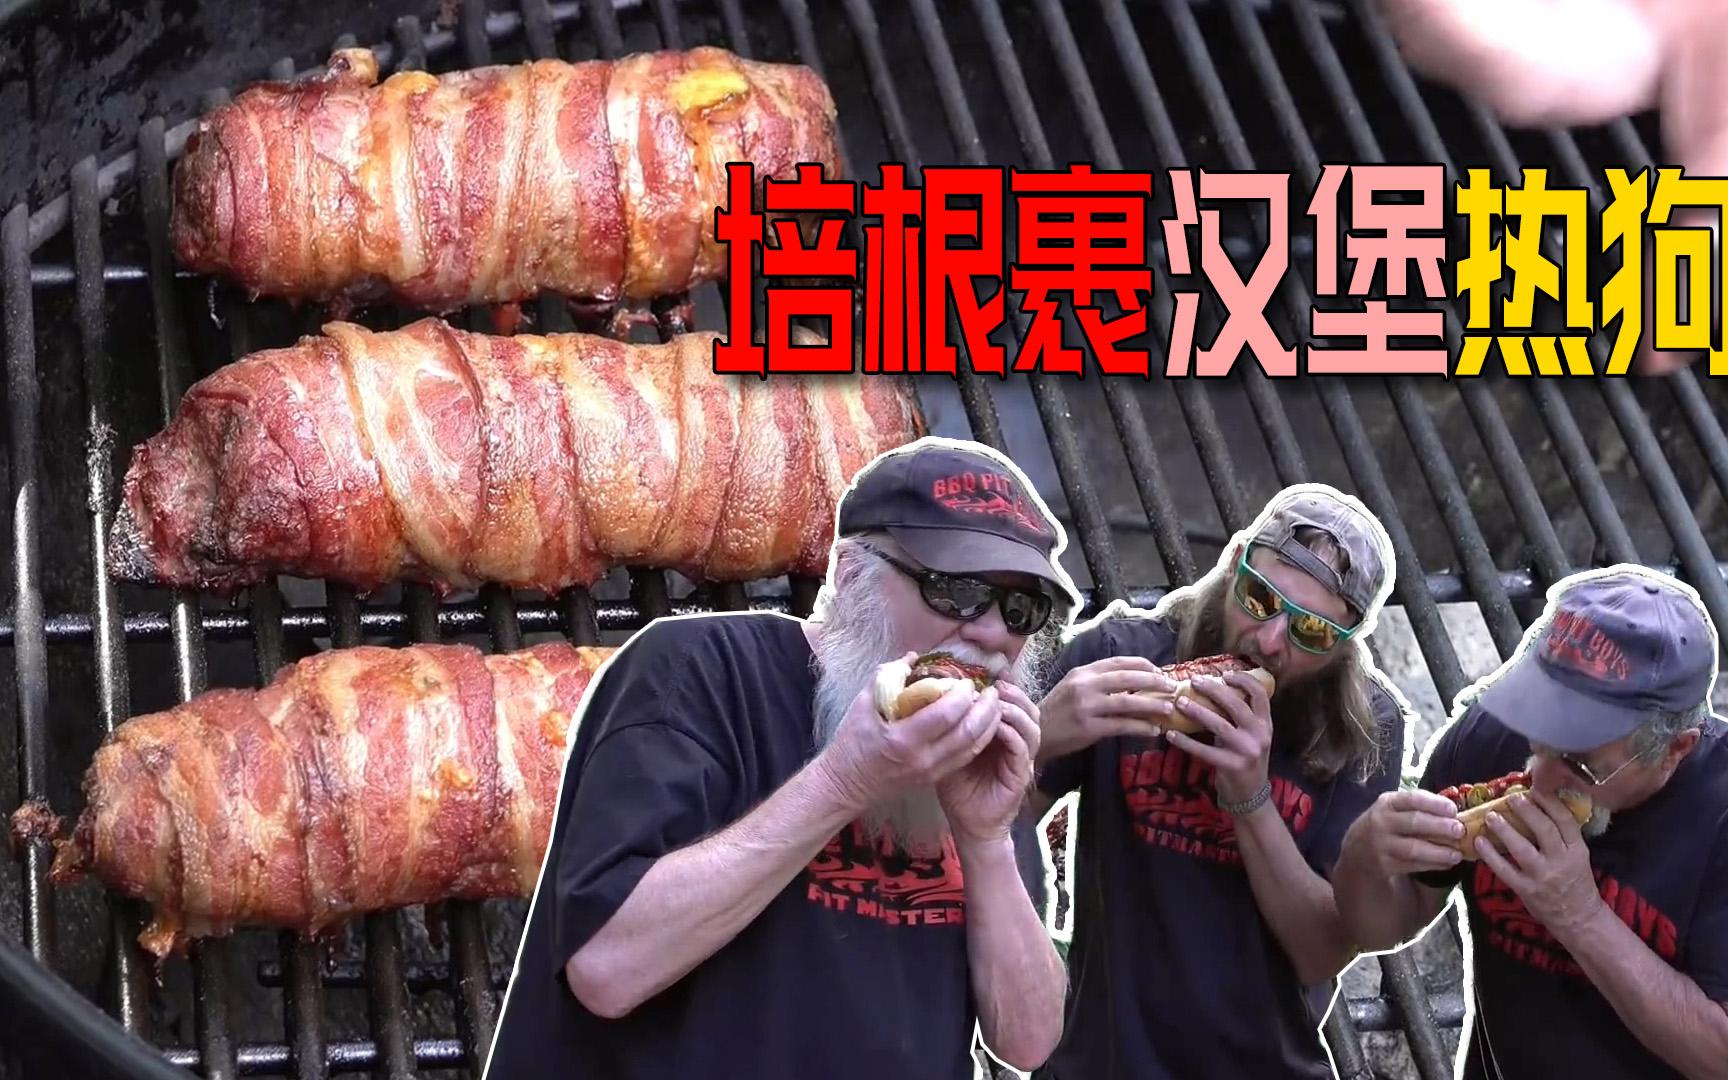 美国土豪BBQ 培根裹汉堡热狗